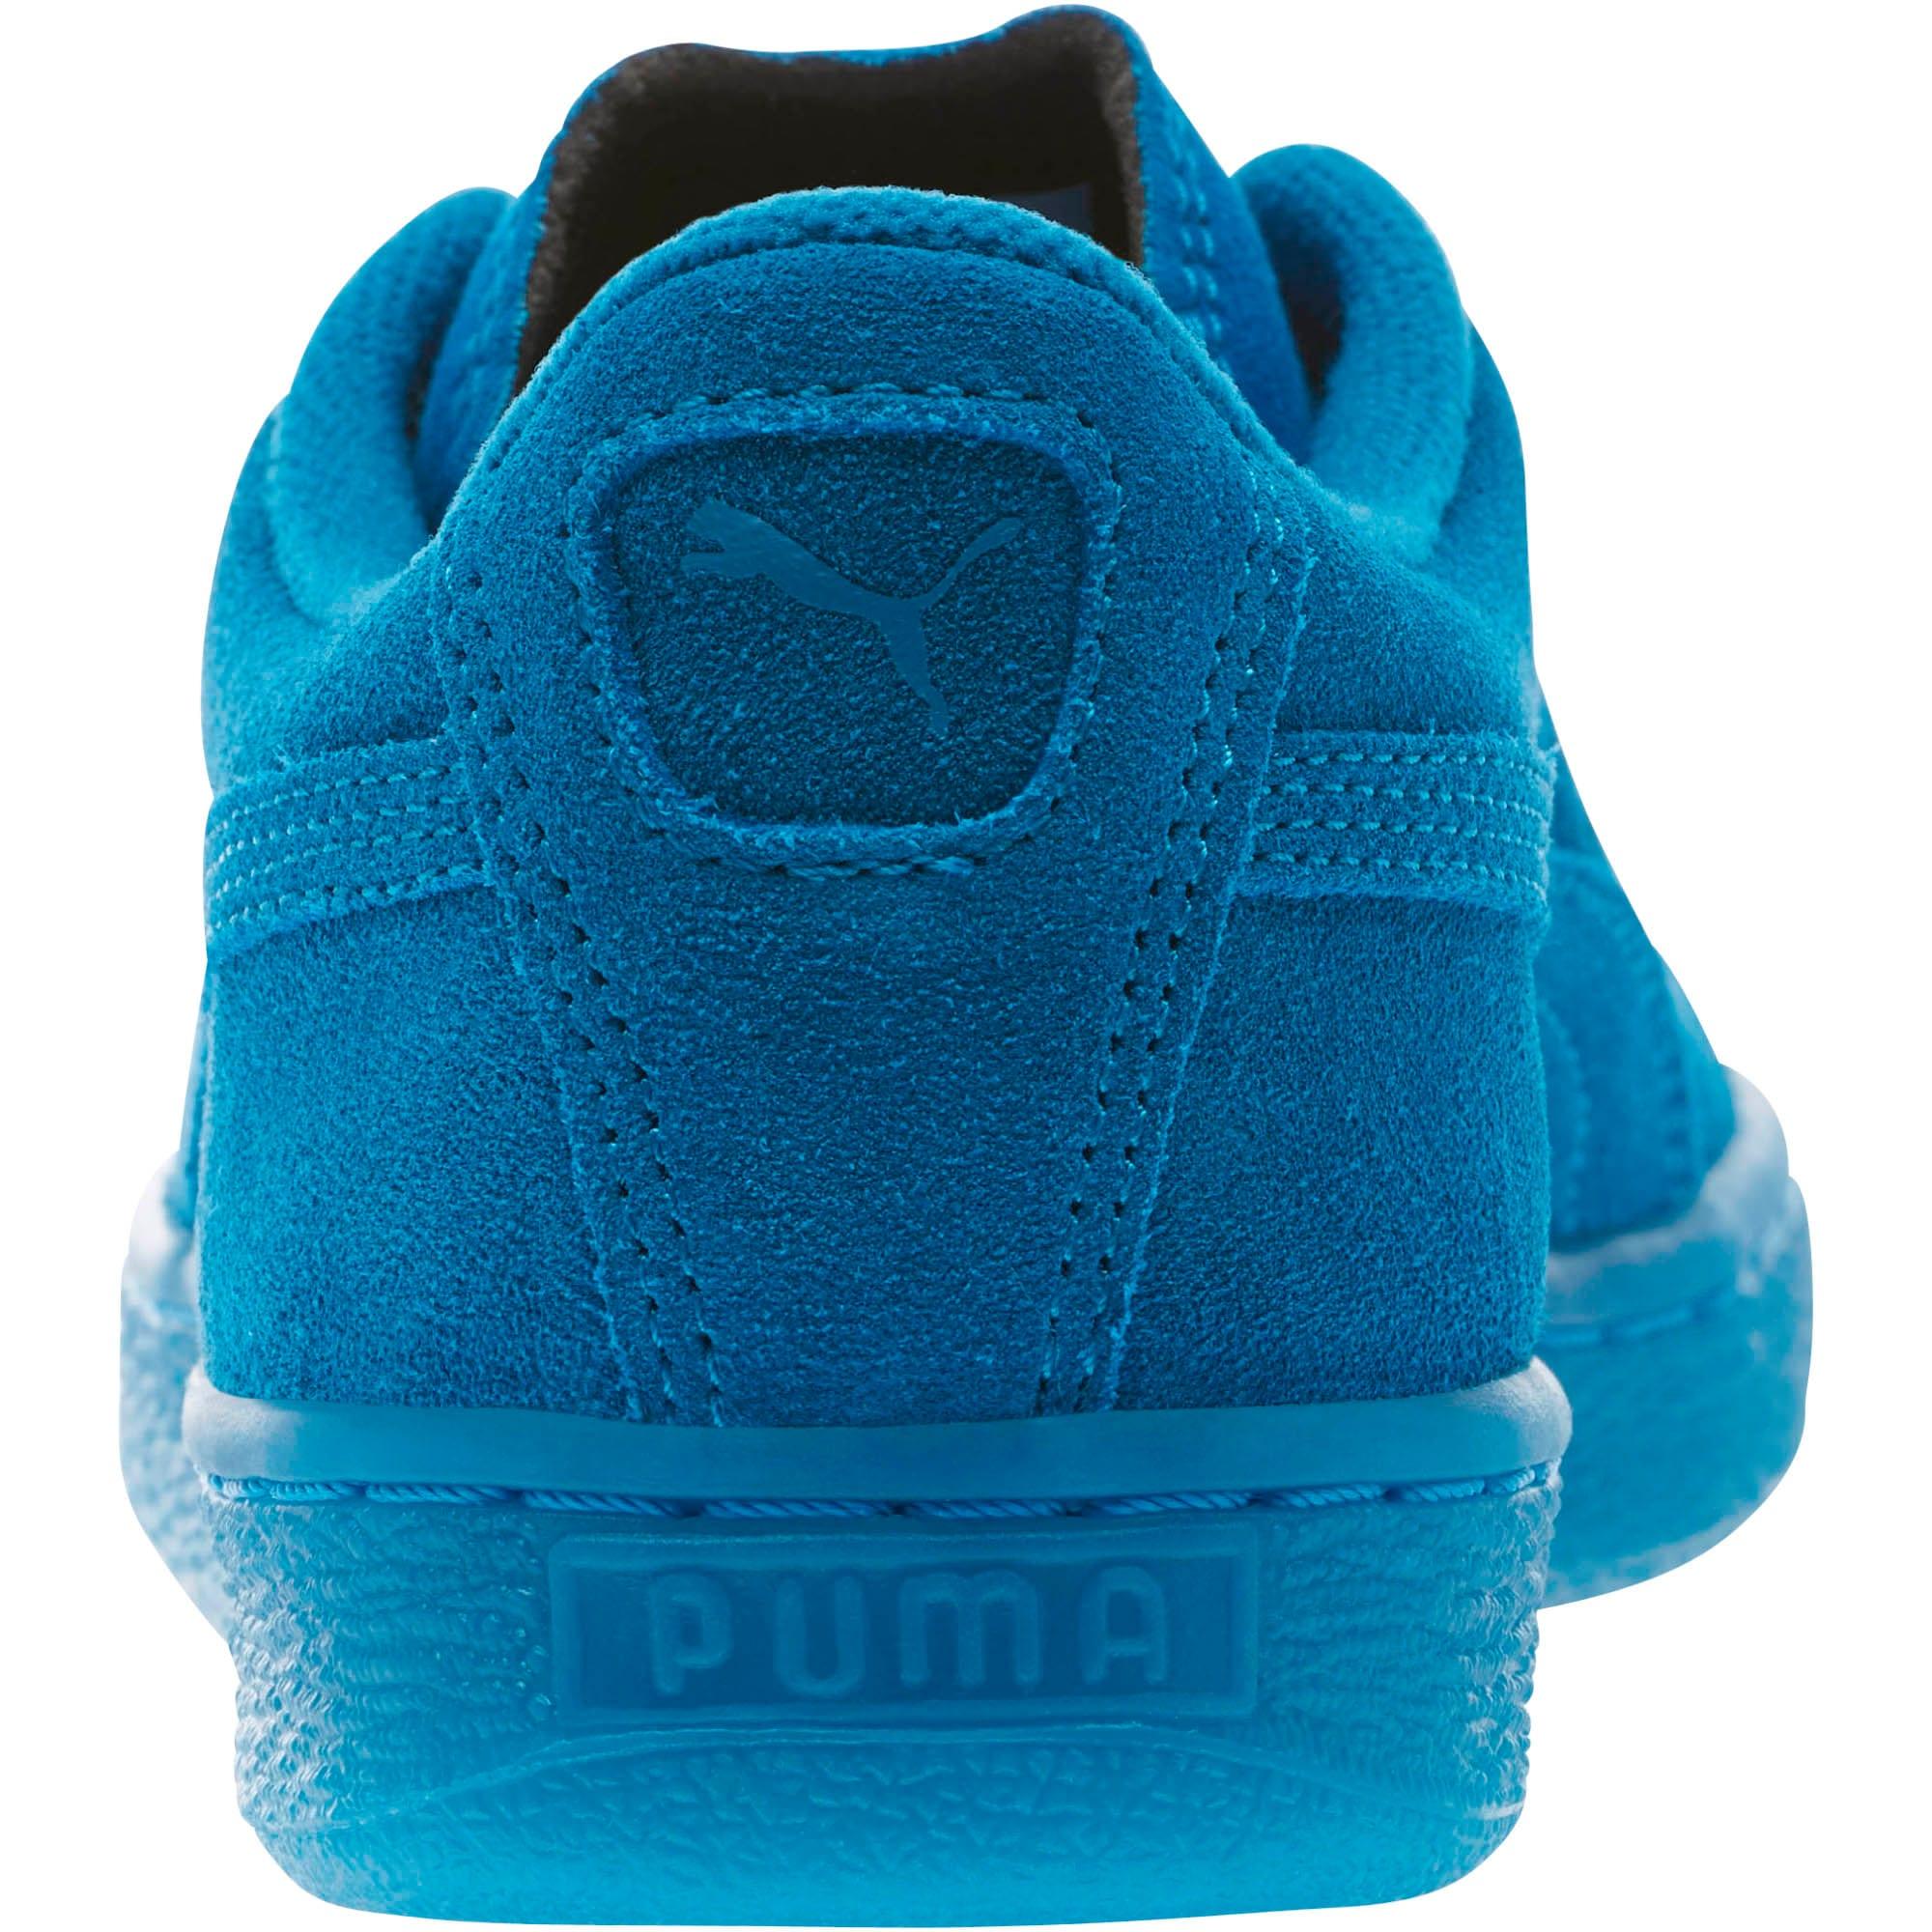 Suede Iced Sneakers JR